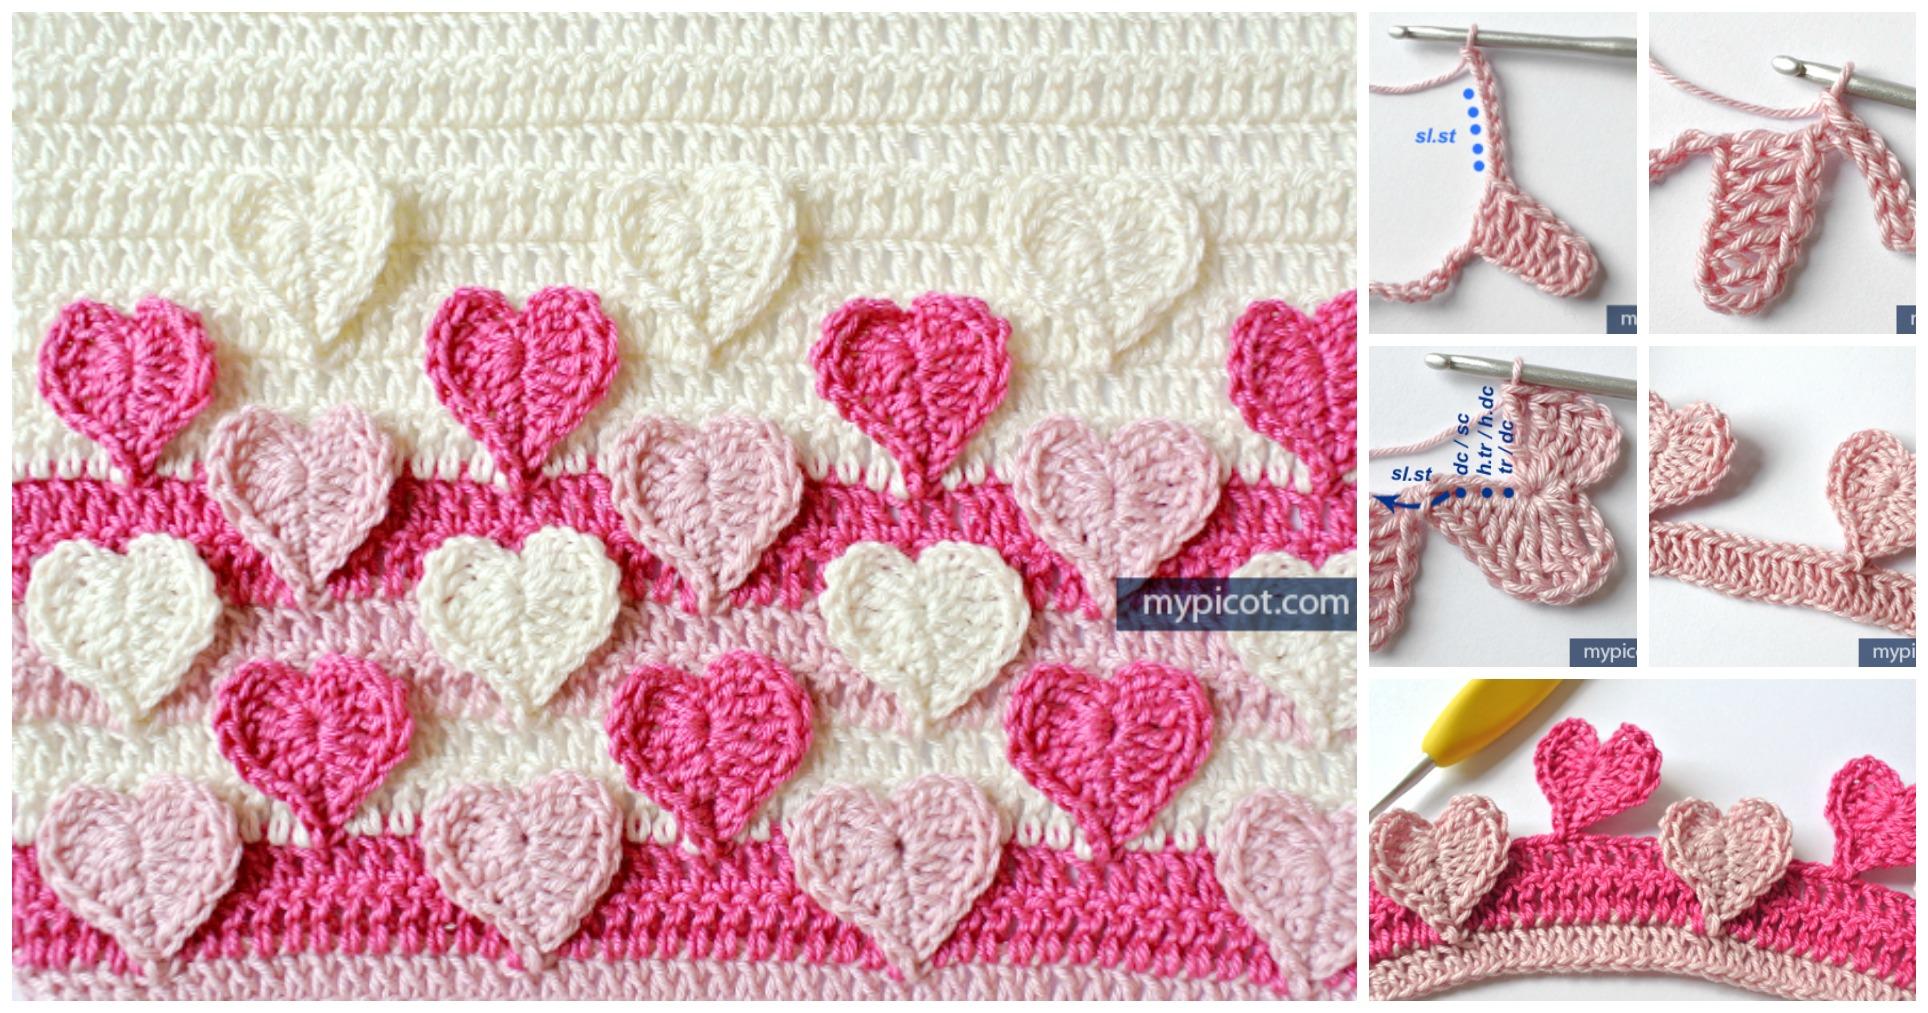 Hearts Multicolored Crochet Stitch Pattern - Pretty Ideas